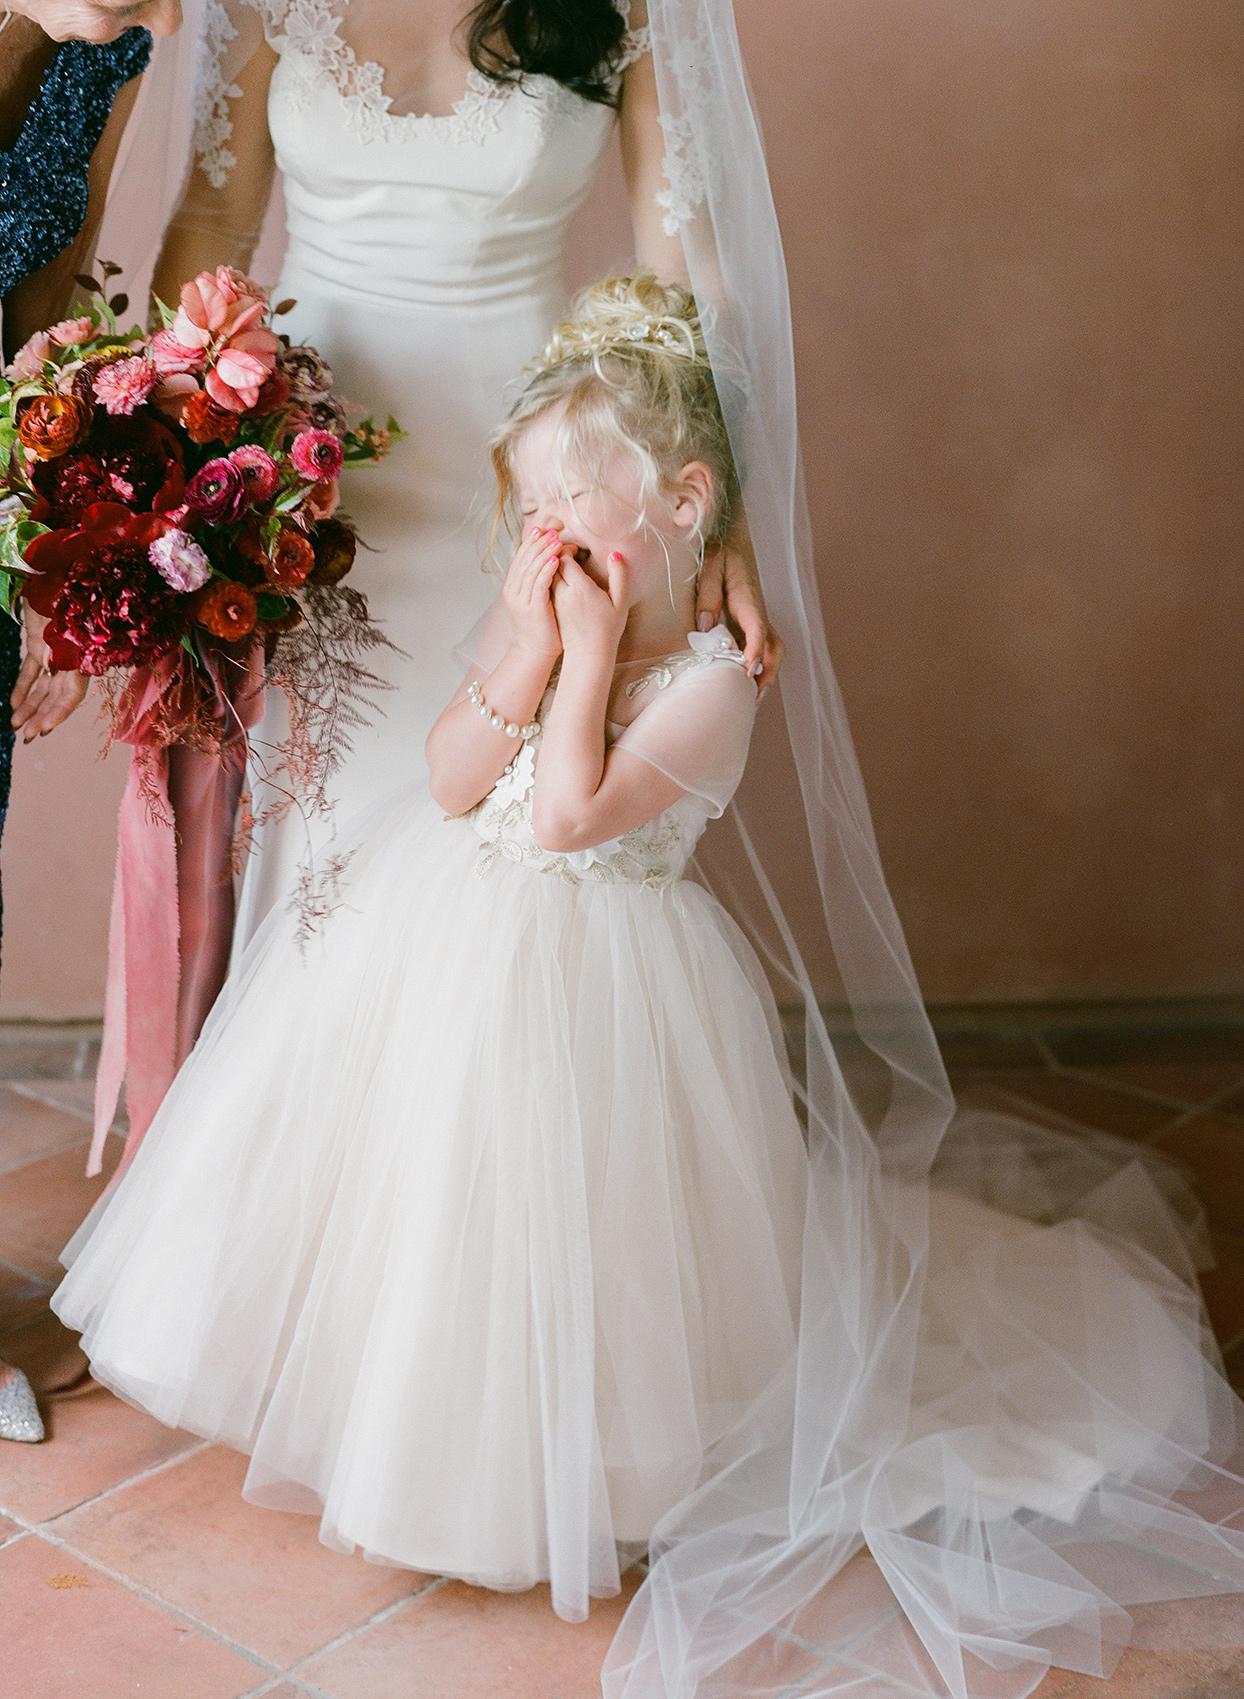 flower girl laughing in white tulle dress